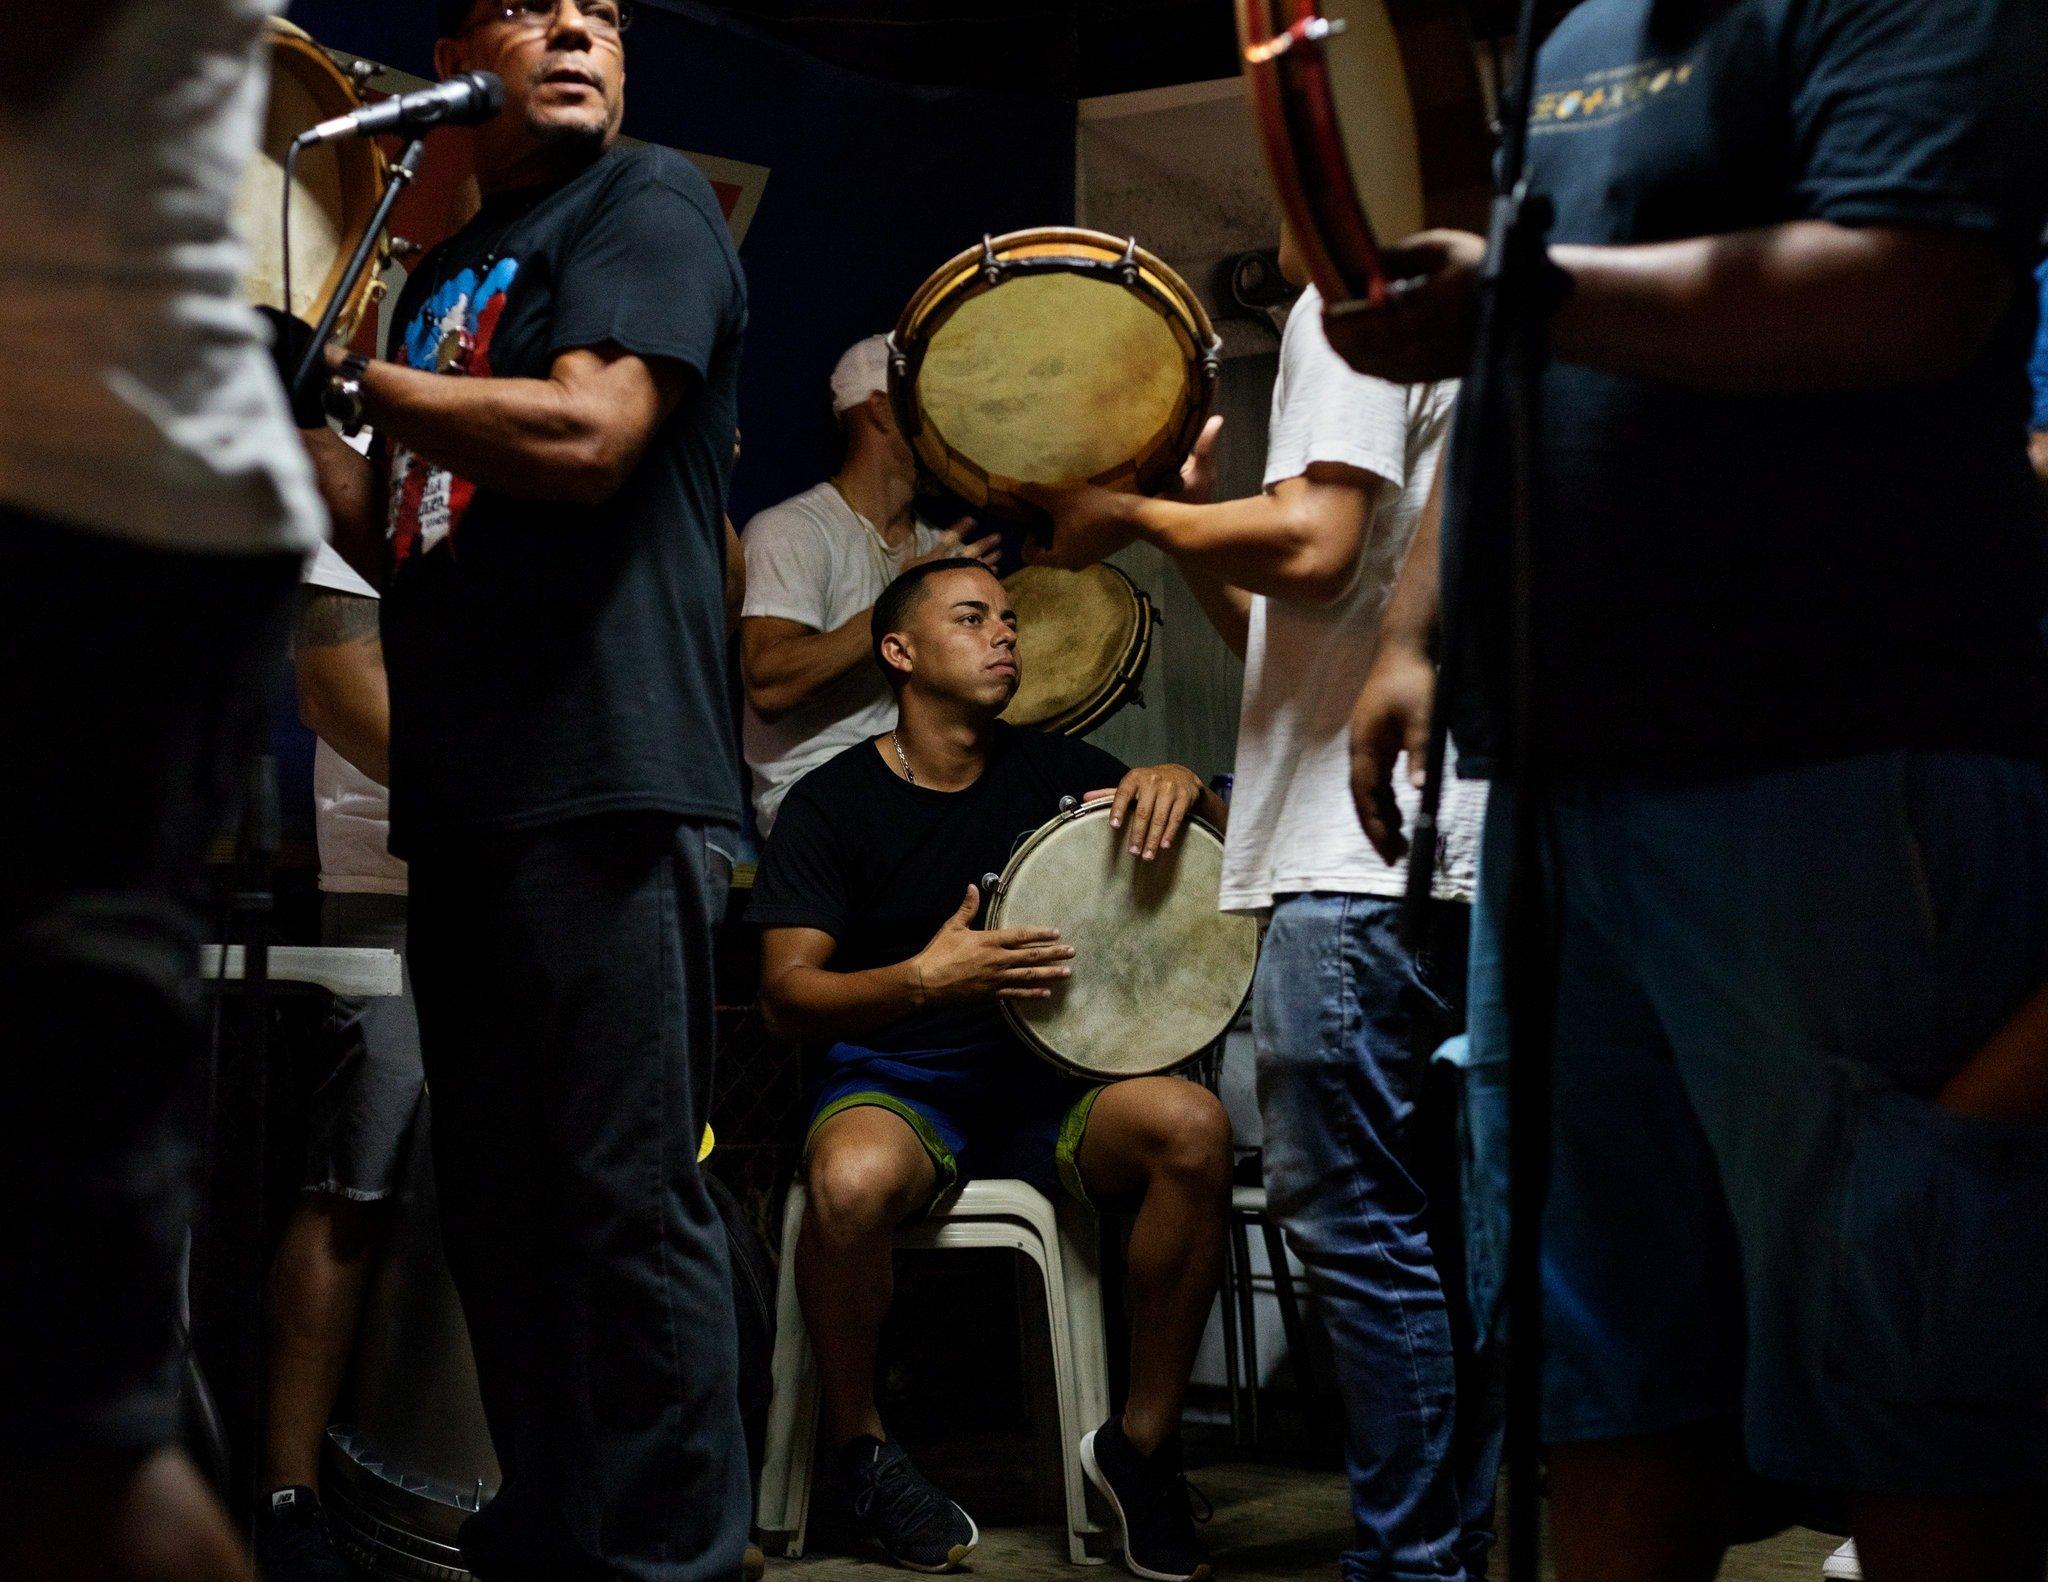 Foto de muchacho tocando pandero de plena puertorriqueña - Llevan un cancionero navideño a las parrandas.